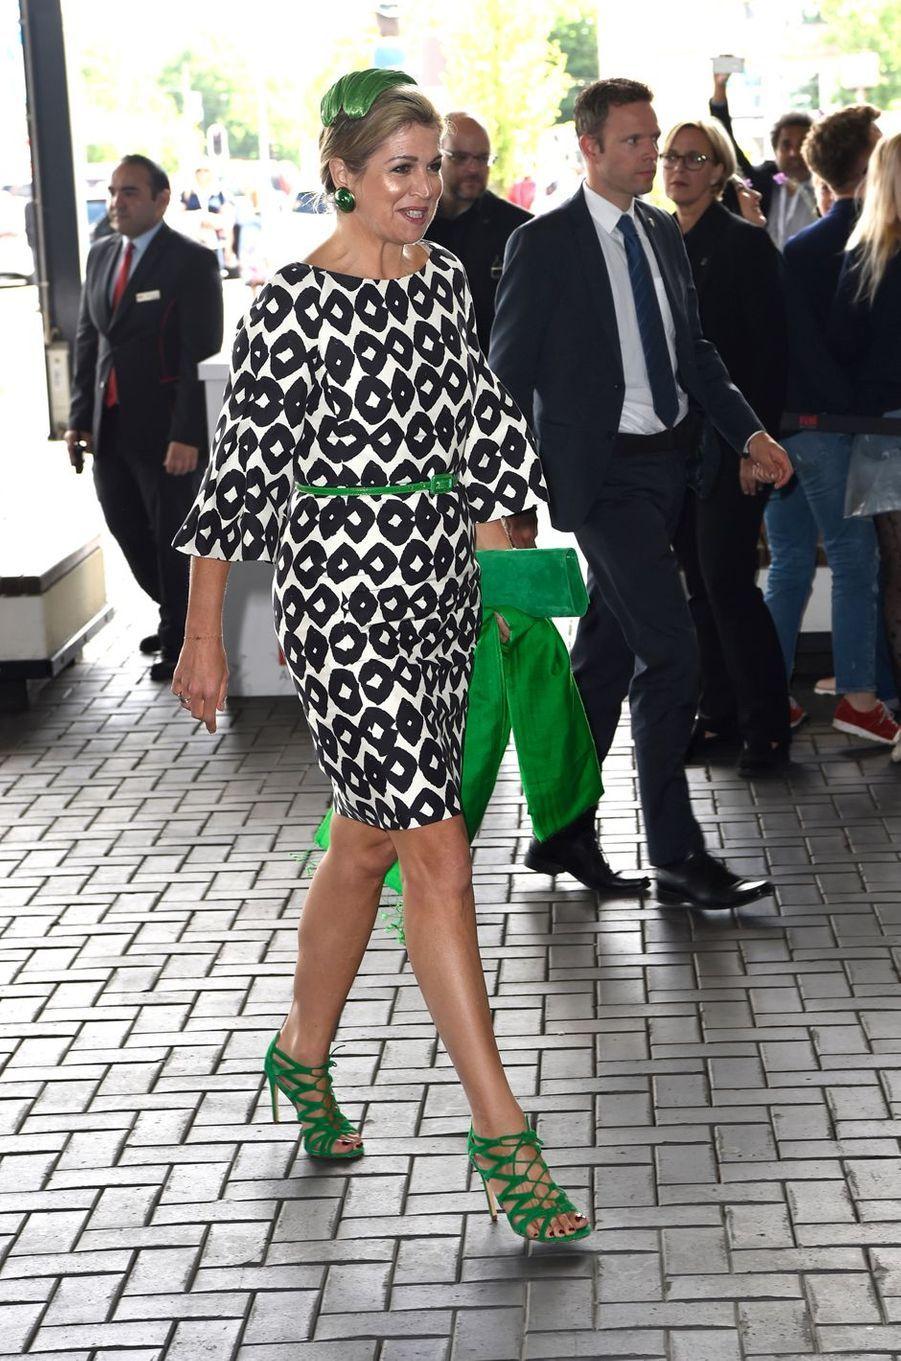 La reine Maxima des Pays-Bas au congrès de l'Académie européenne de neurologie à Amsterdam, le 26 juin 2017